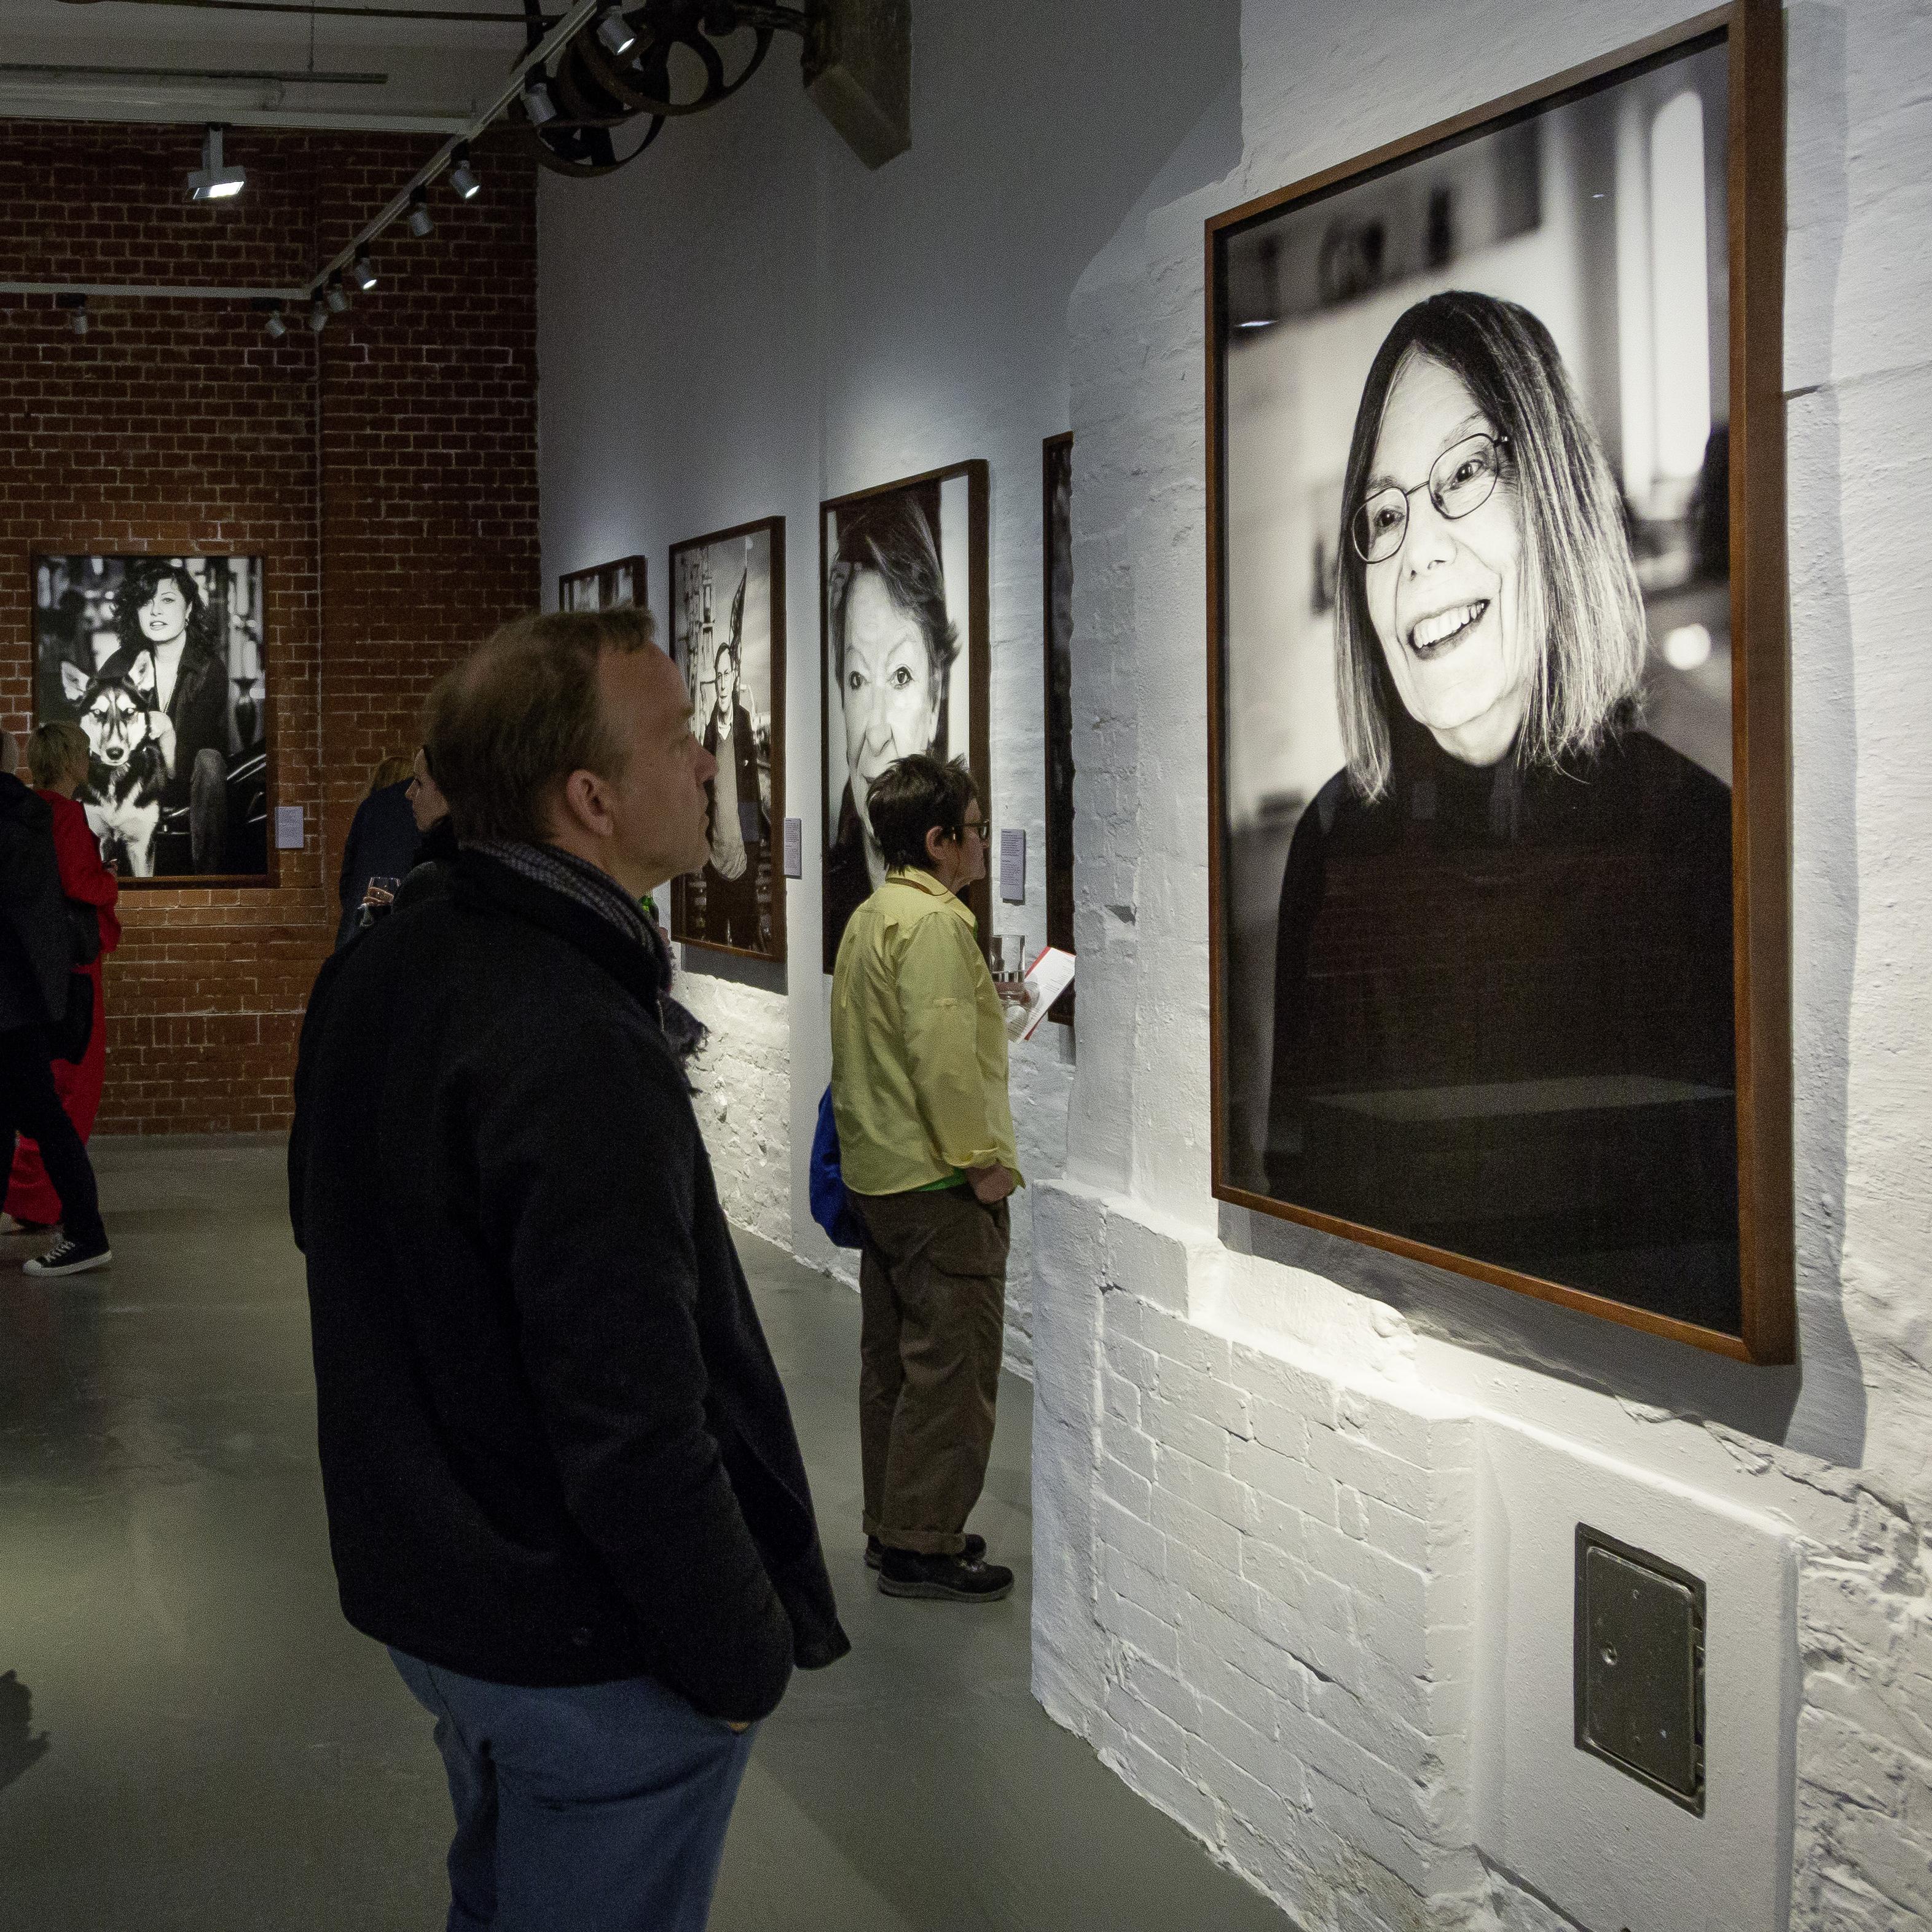 Besucher betrachtet ein Foto von Gretchen Dutschke